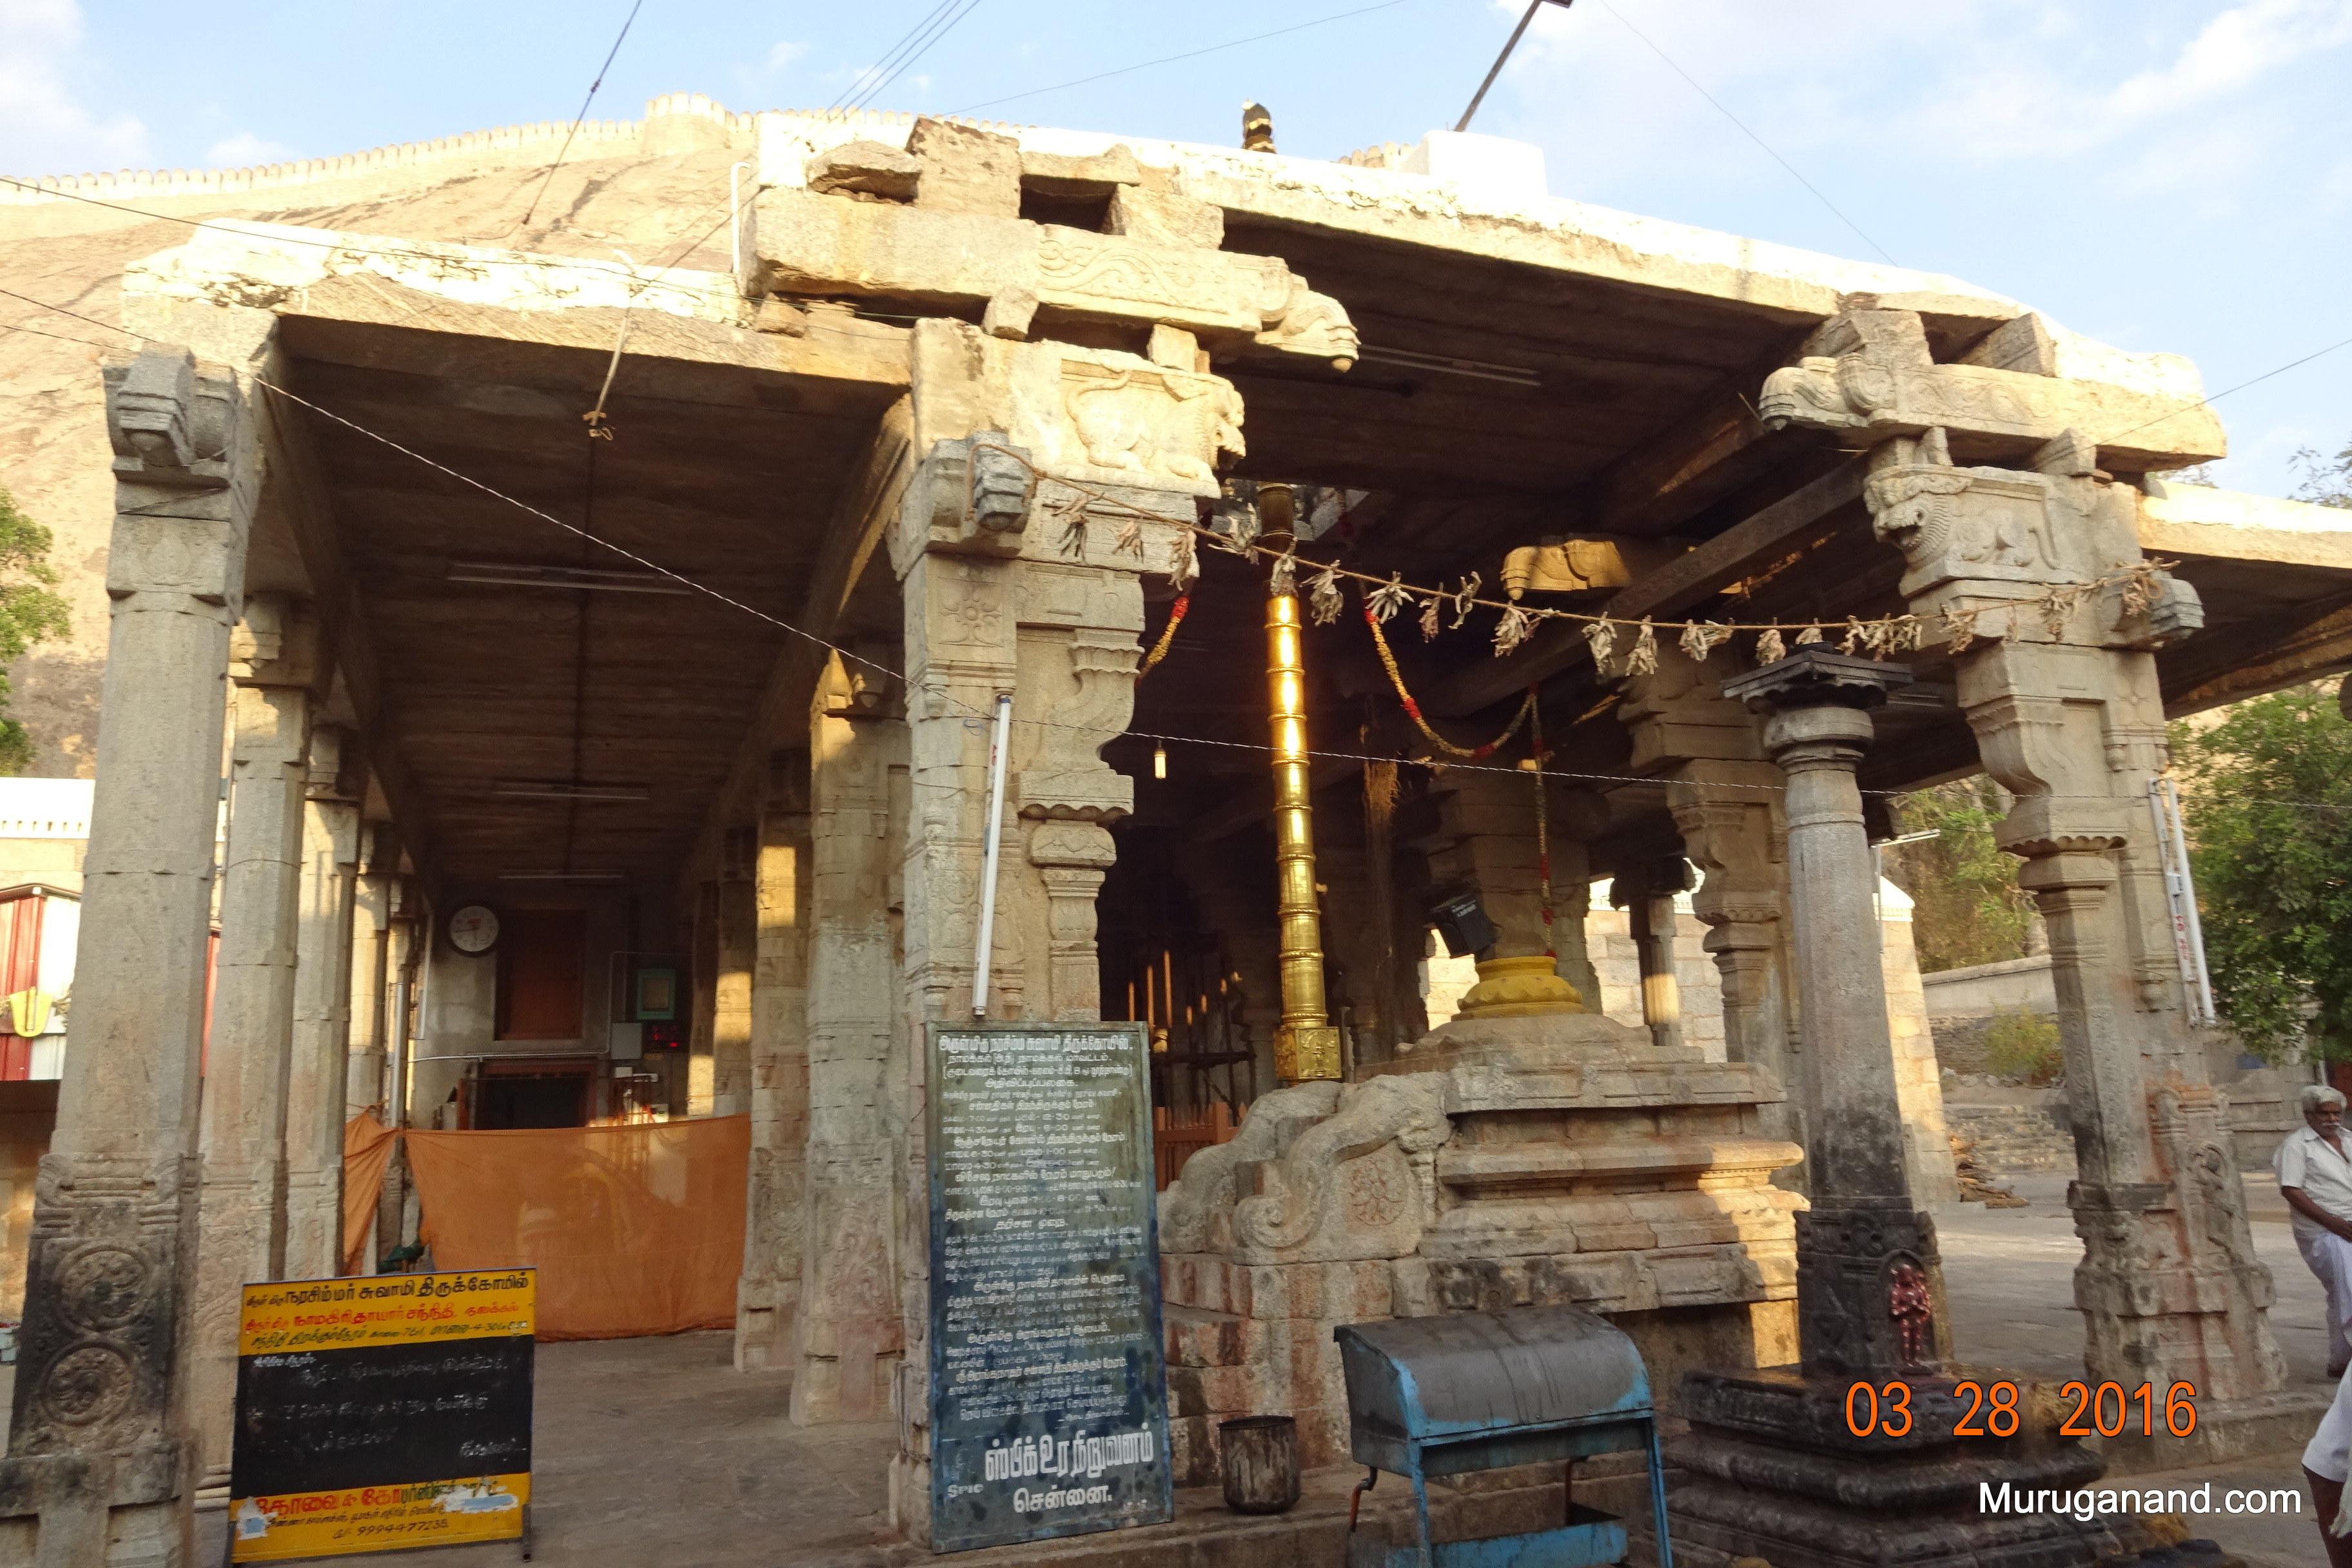 Mandapam Entry to the main Deity, Sri Narasimma Swamy